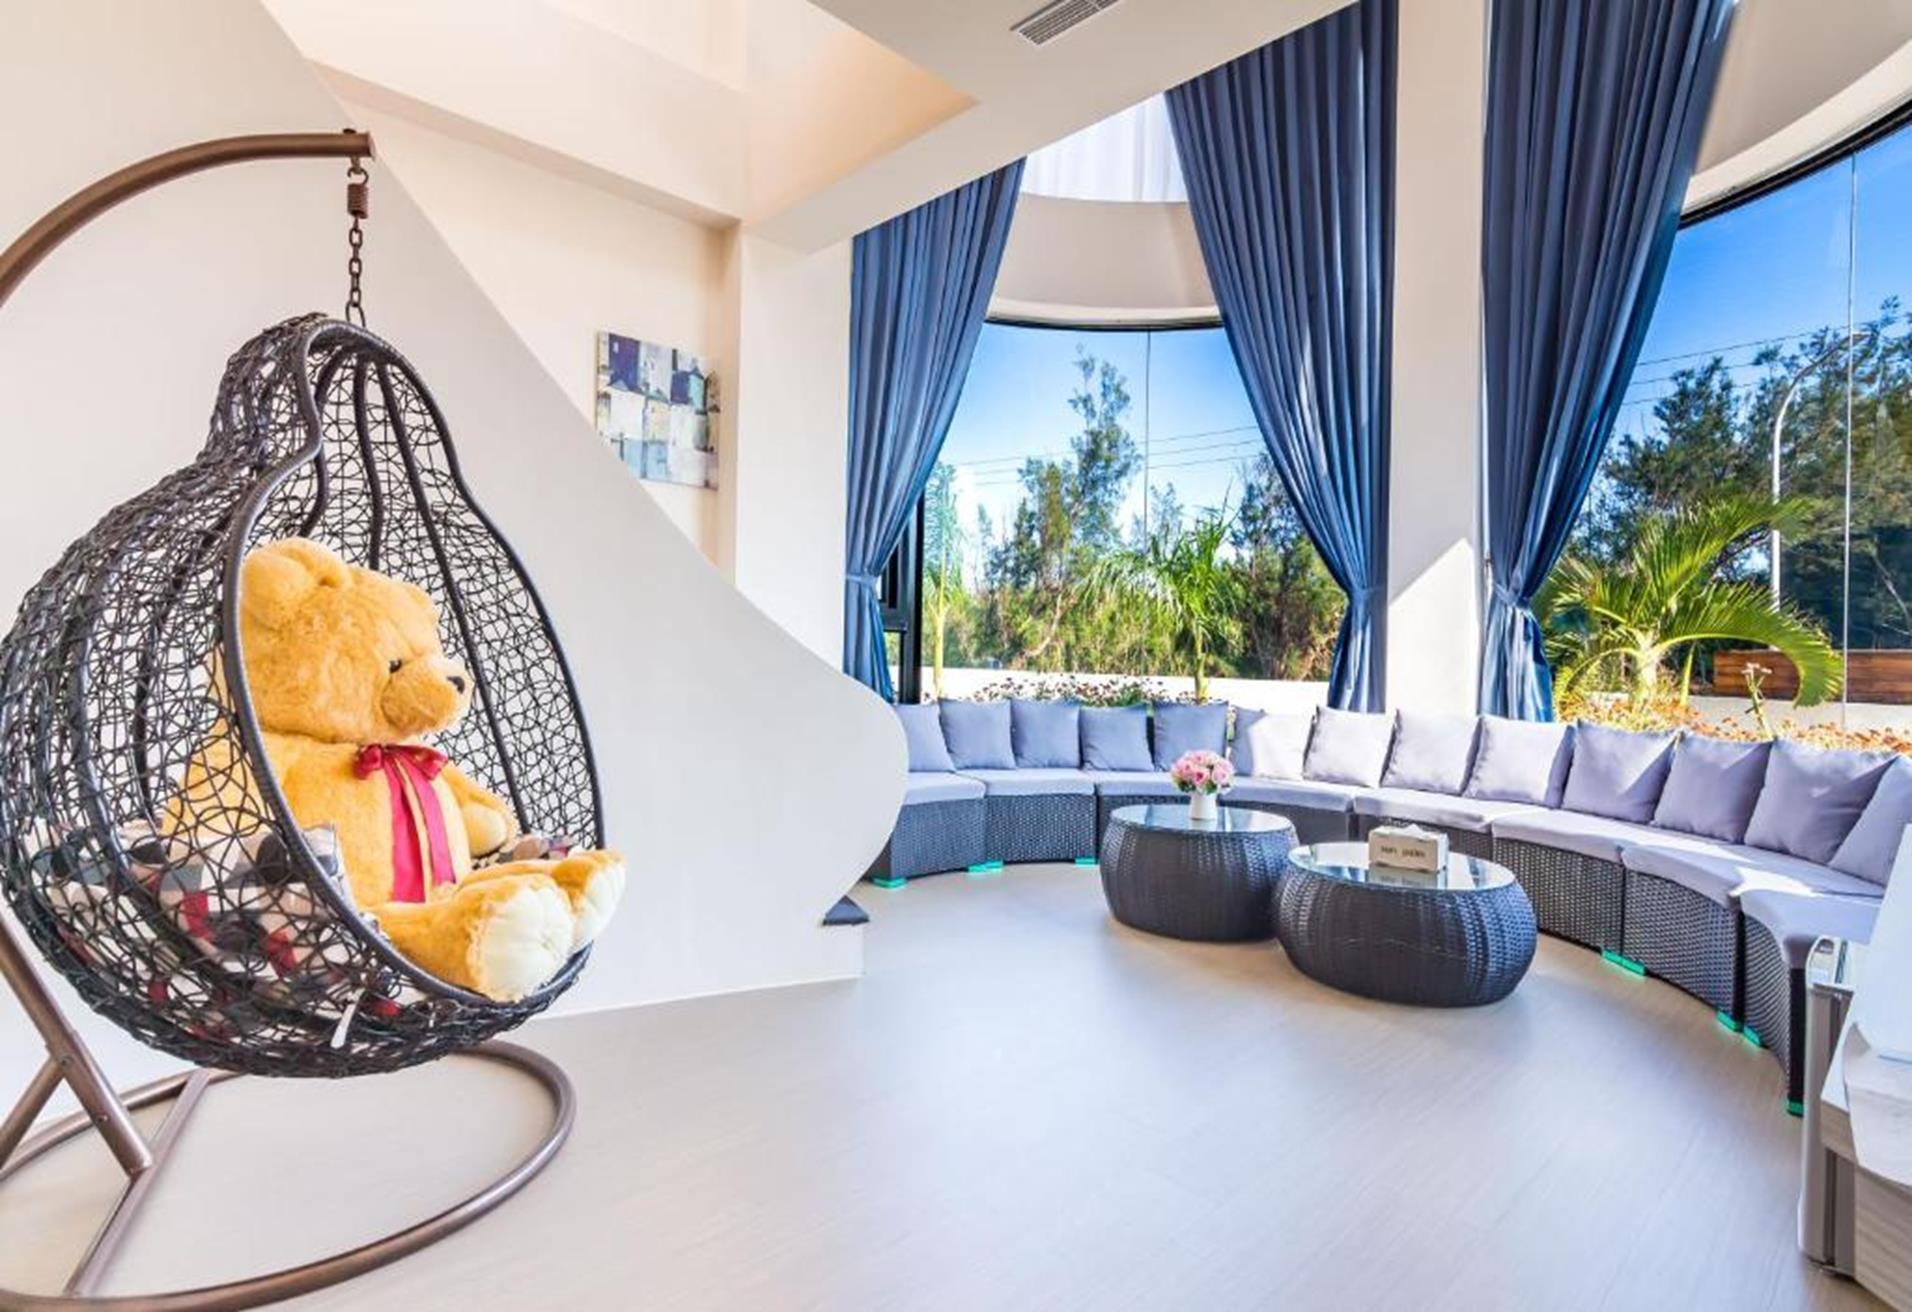 澎湖親子民宿 陽光棕櫚渡假Villa